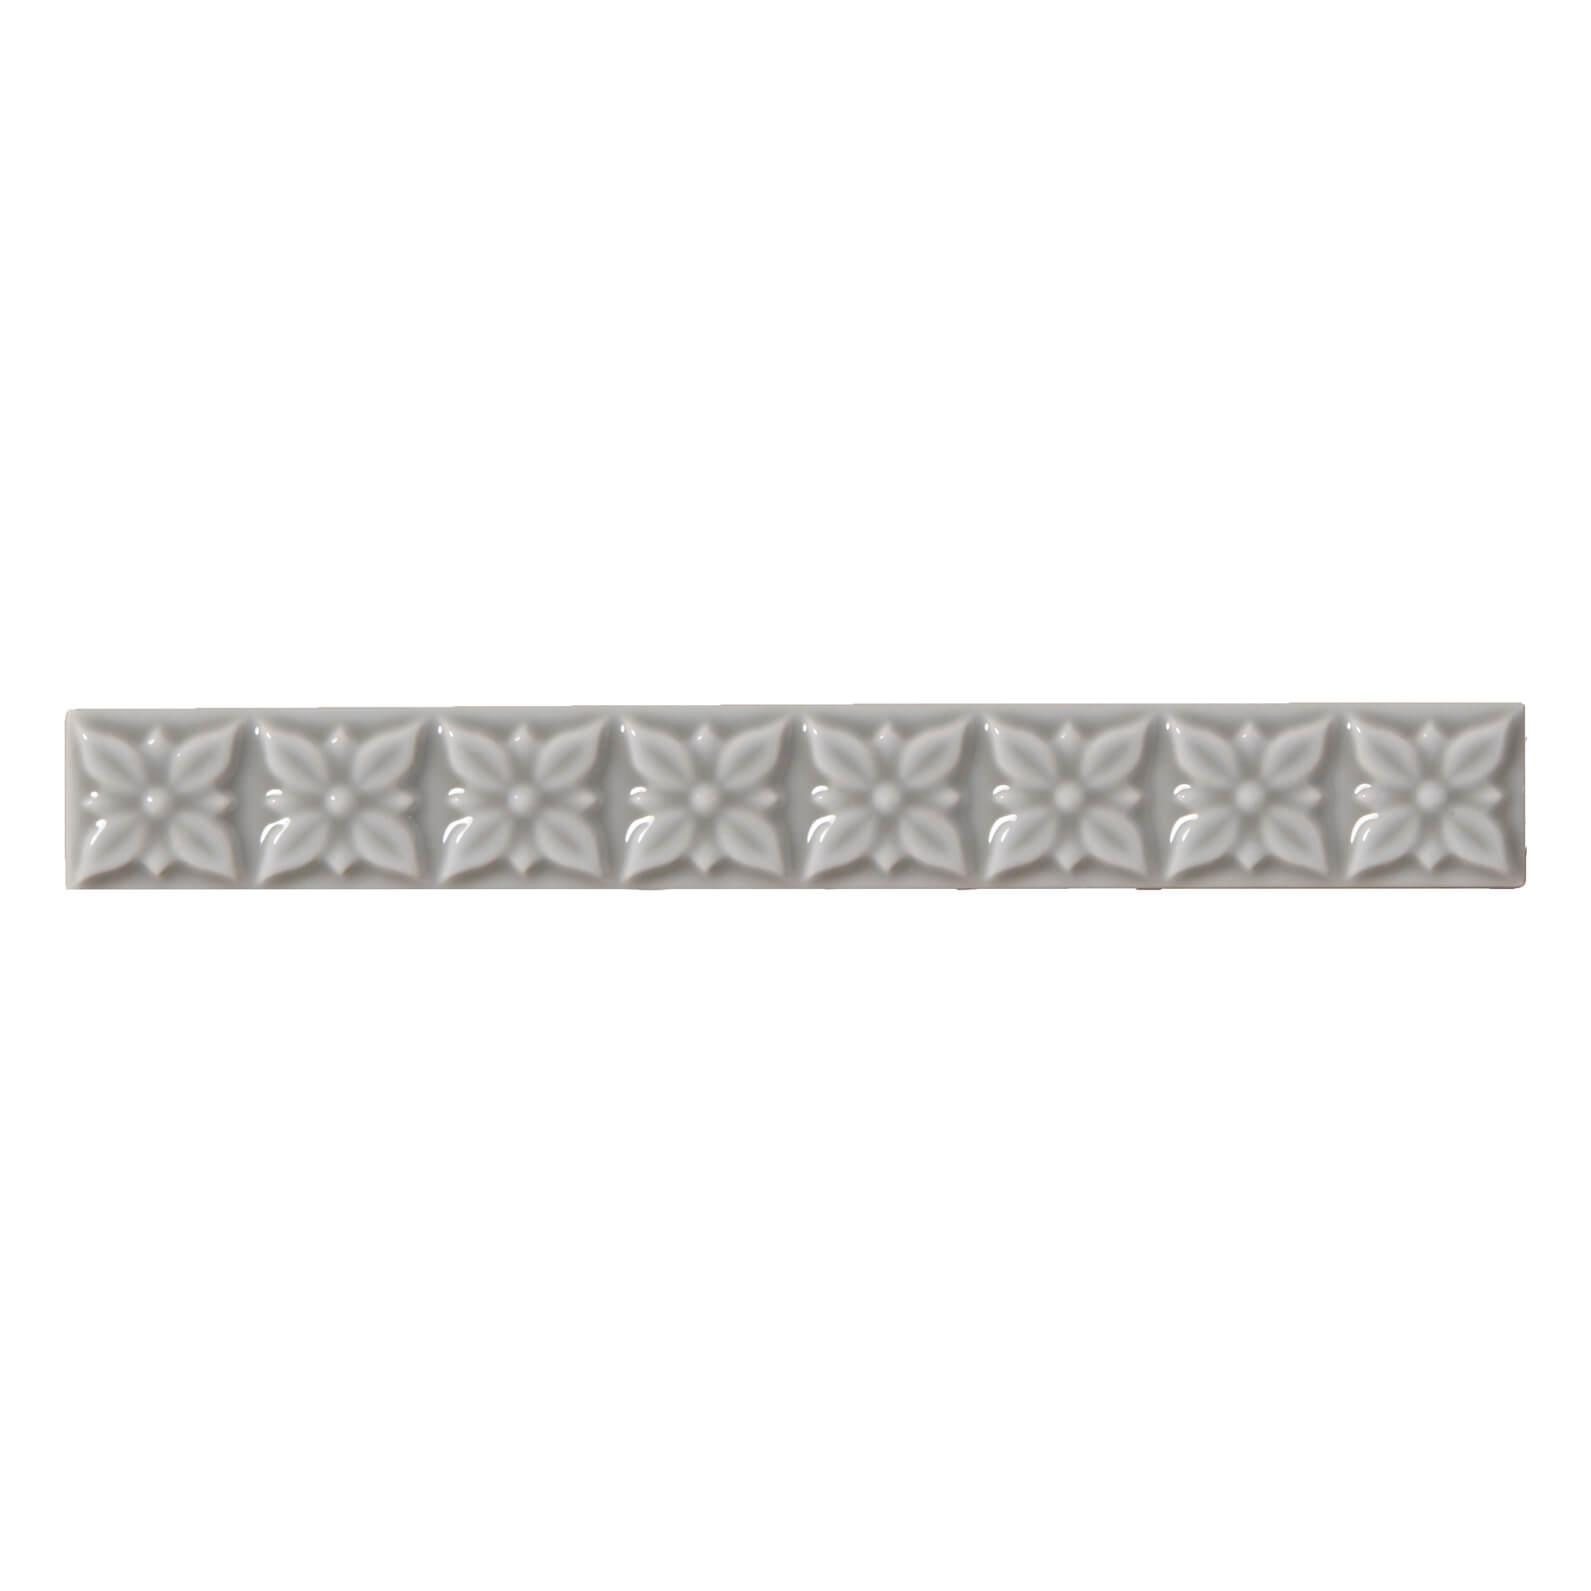 ADST4027 - RELIEVE PONCIANA - 3 cm X 19.8 cm